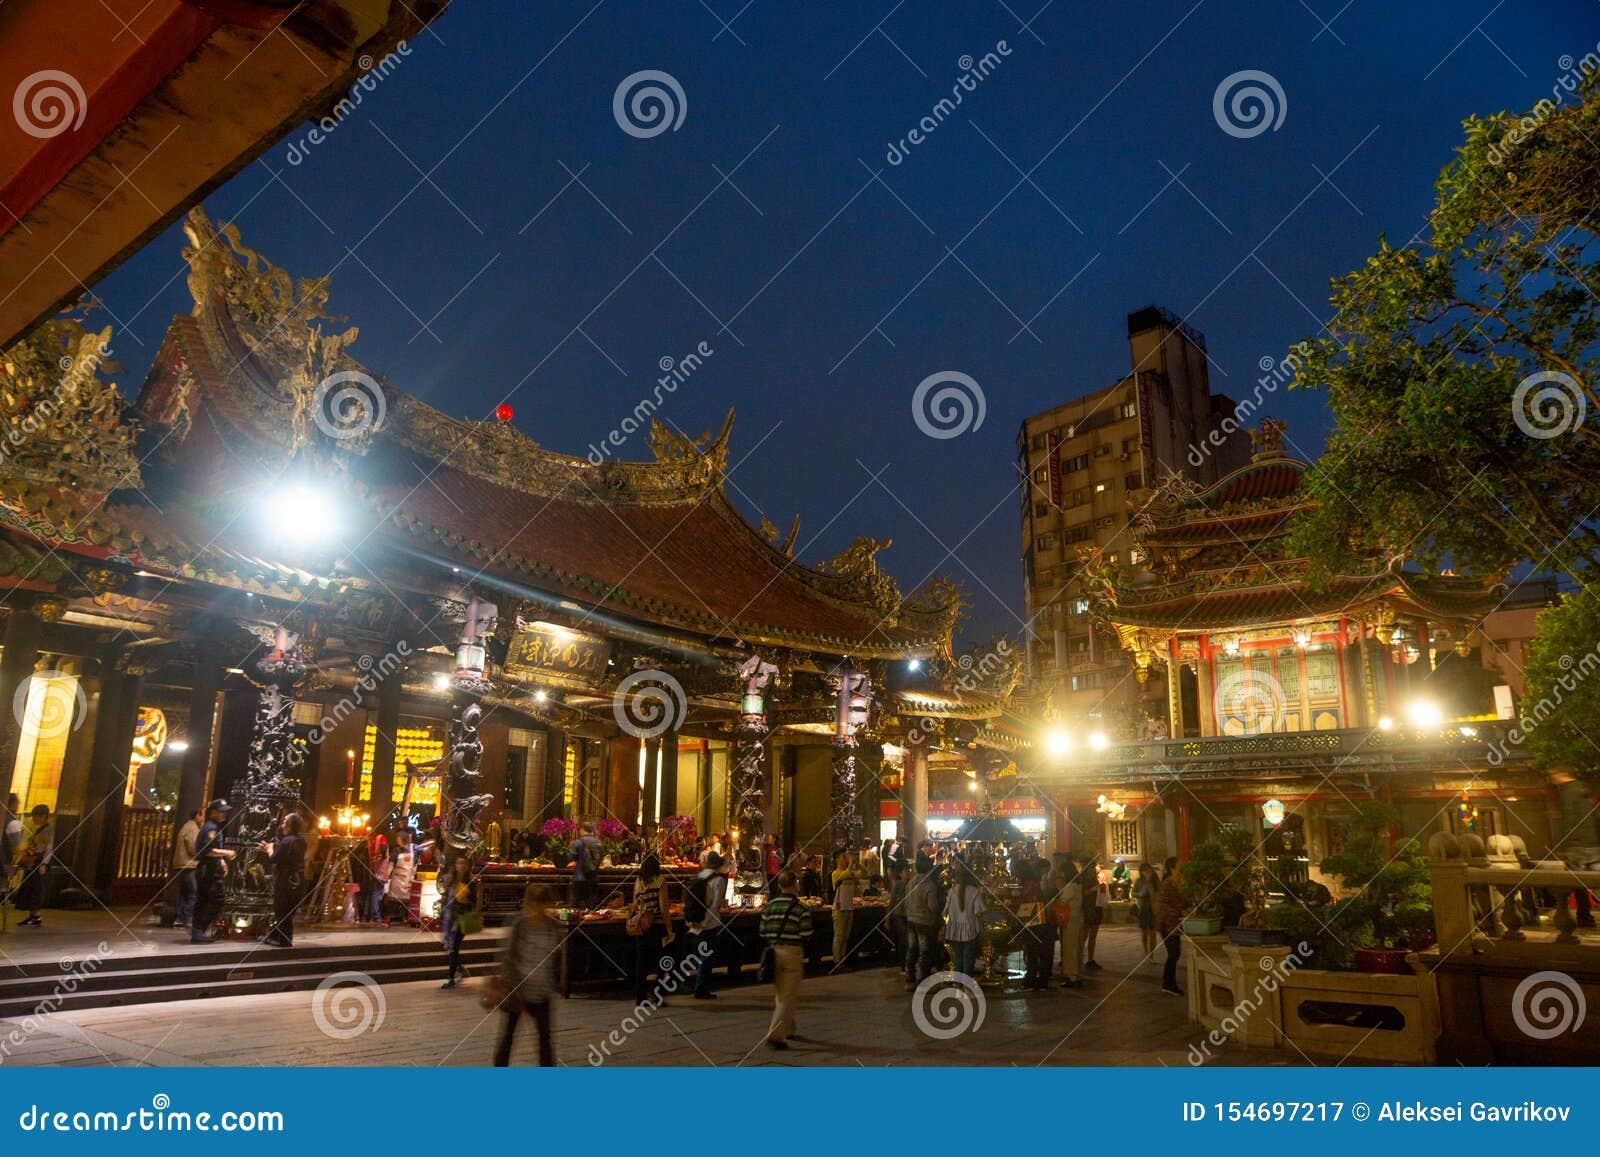 Taipei/Taiwan-25 03 2018: Światła w Baoan świątyni w Taipei